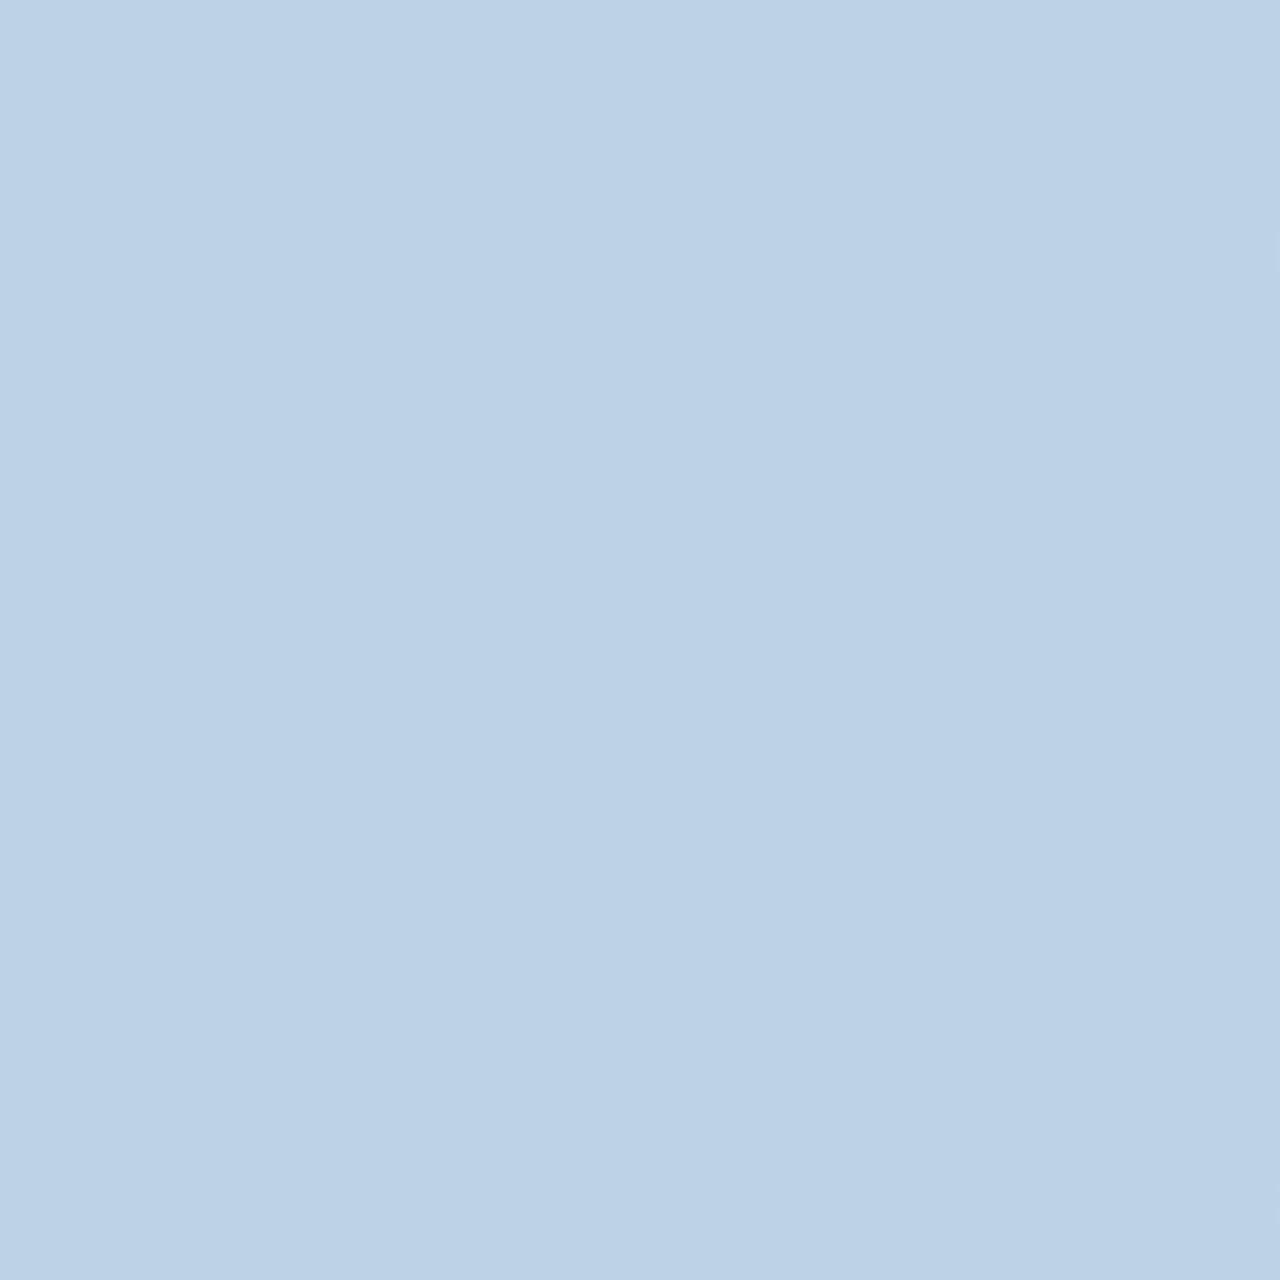 Lee Gels Sheet #203 Quarter C.T. Blue 1